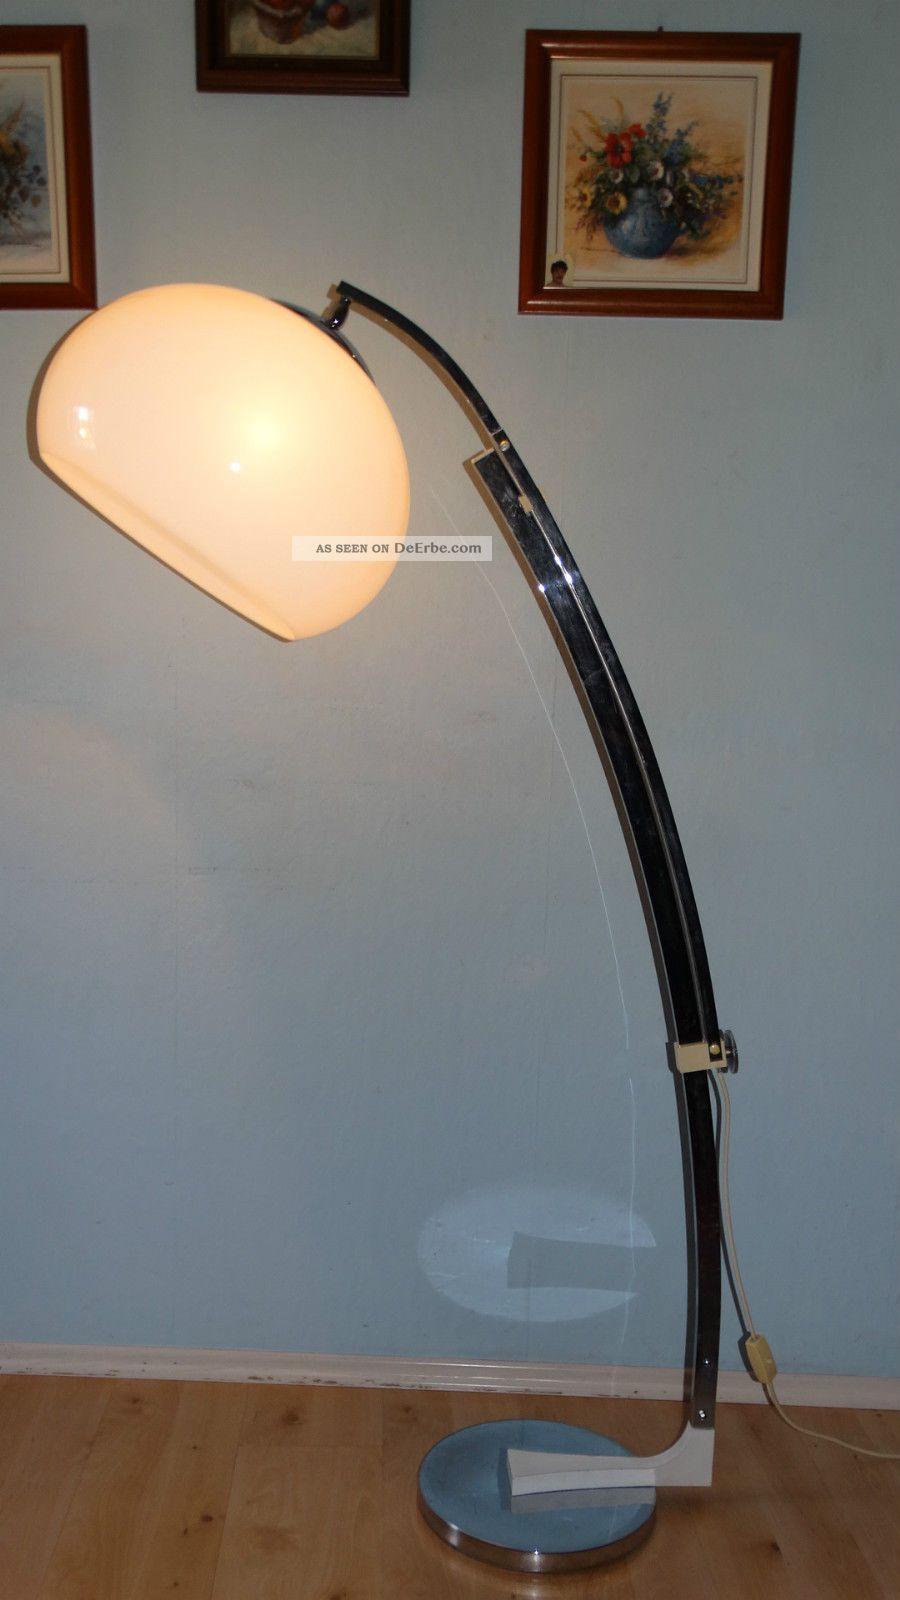 50er 60er wandlampe wandleuchte holz lampe sonne. Black Bedroom Furniture Sets. Home Design Ideas